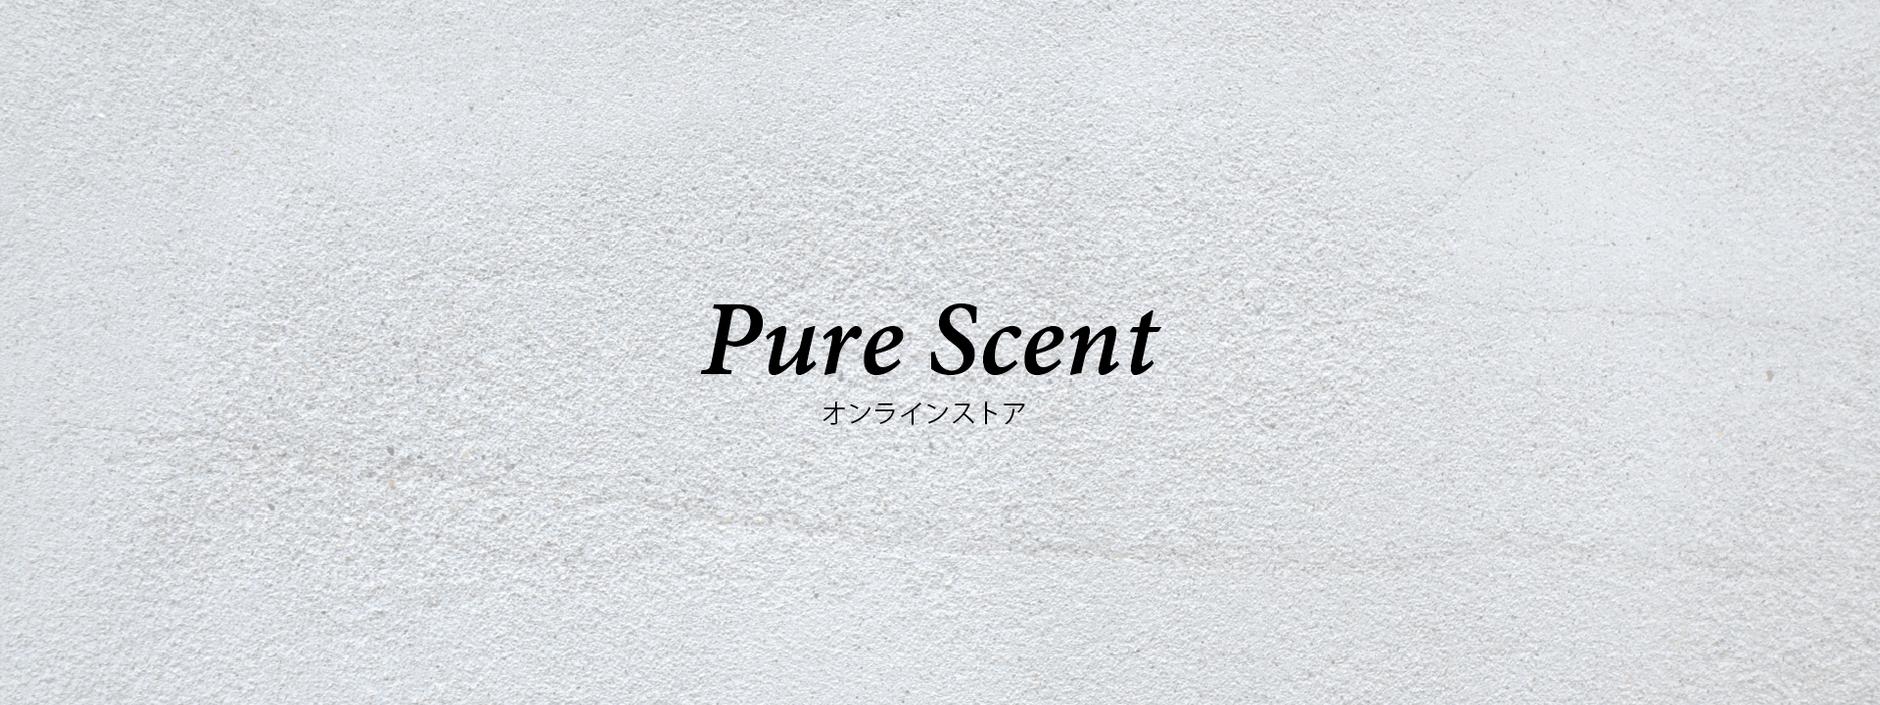 Pure Scent オンラインストア